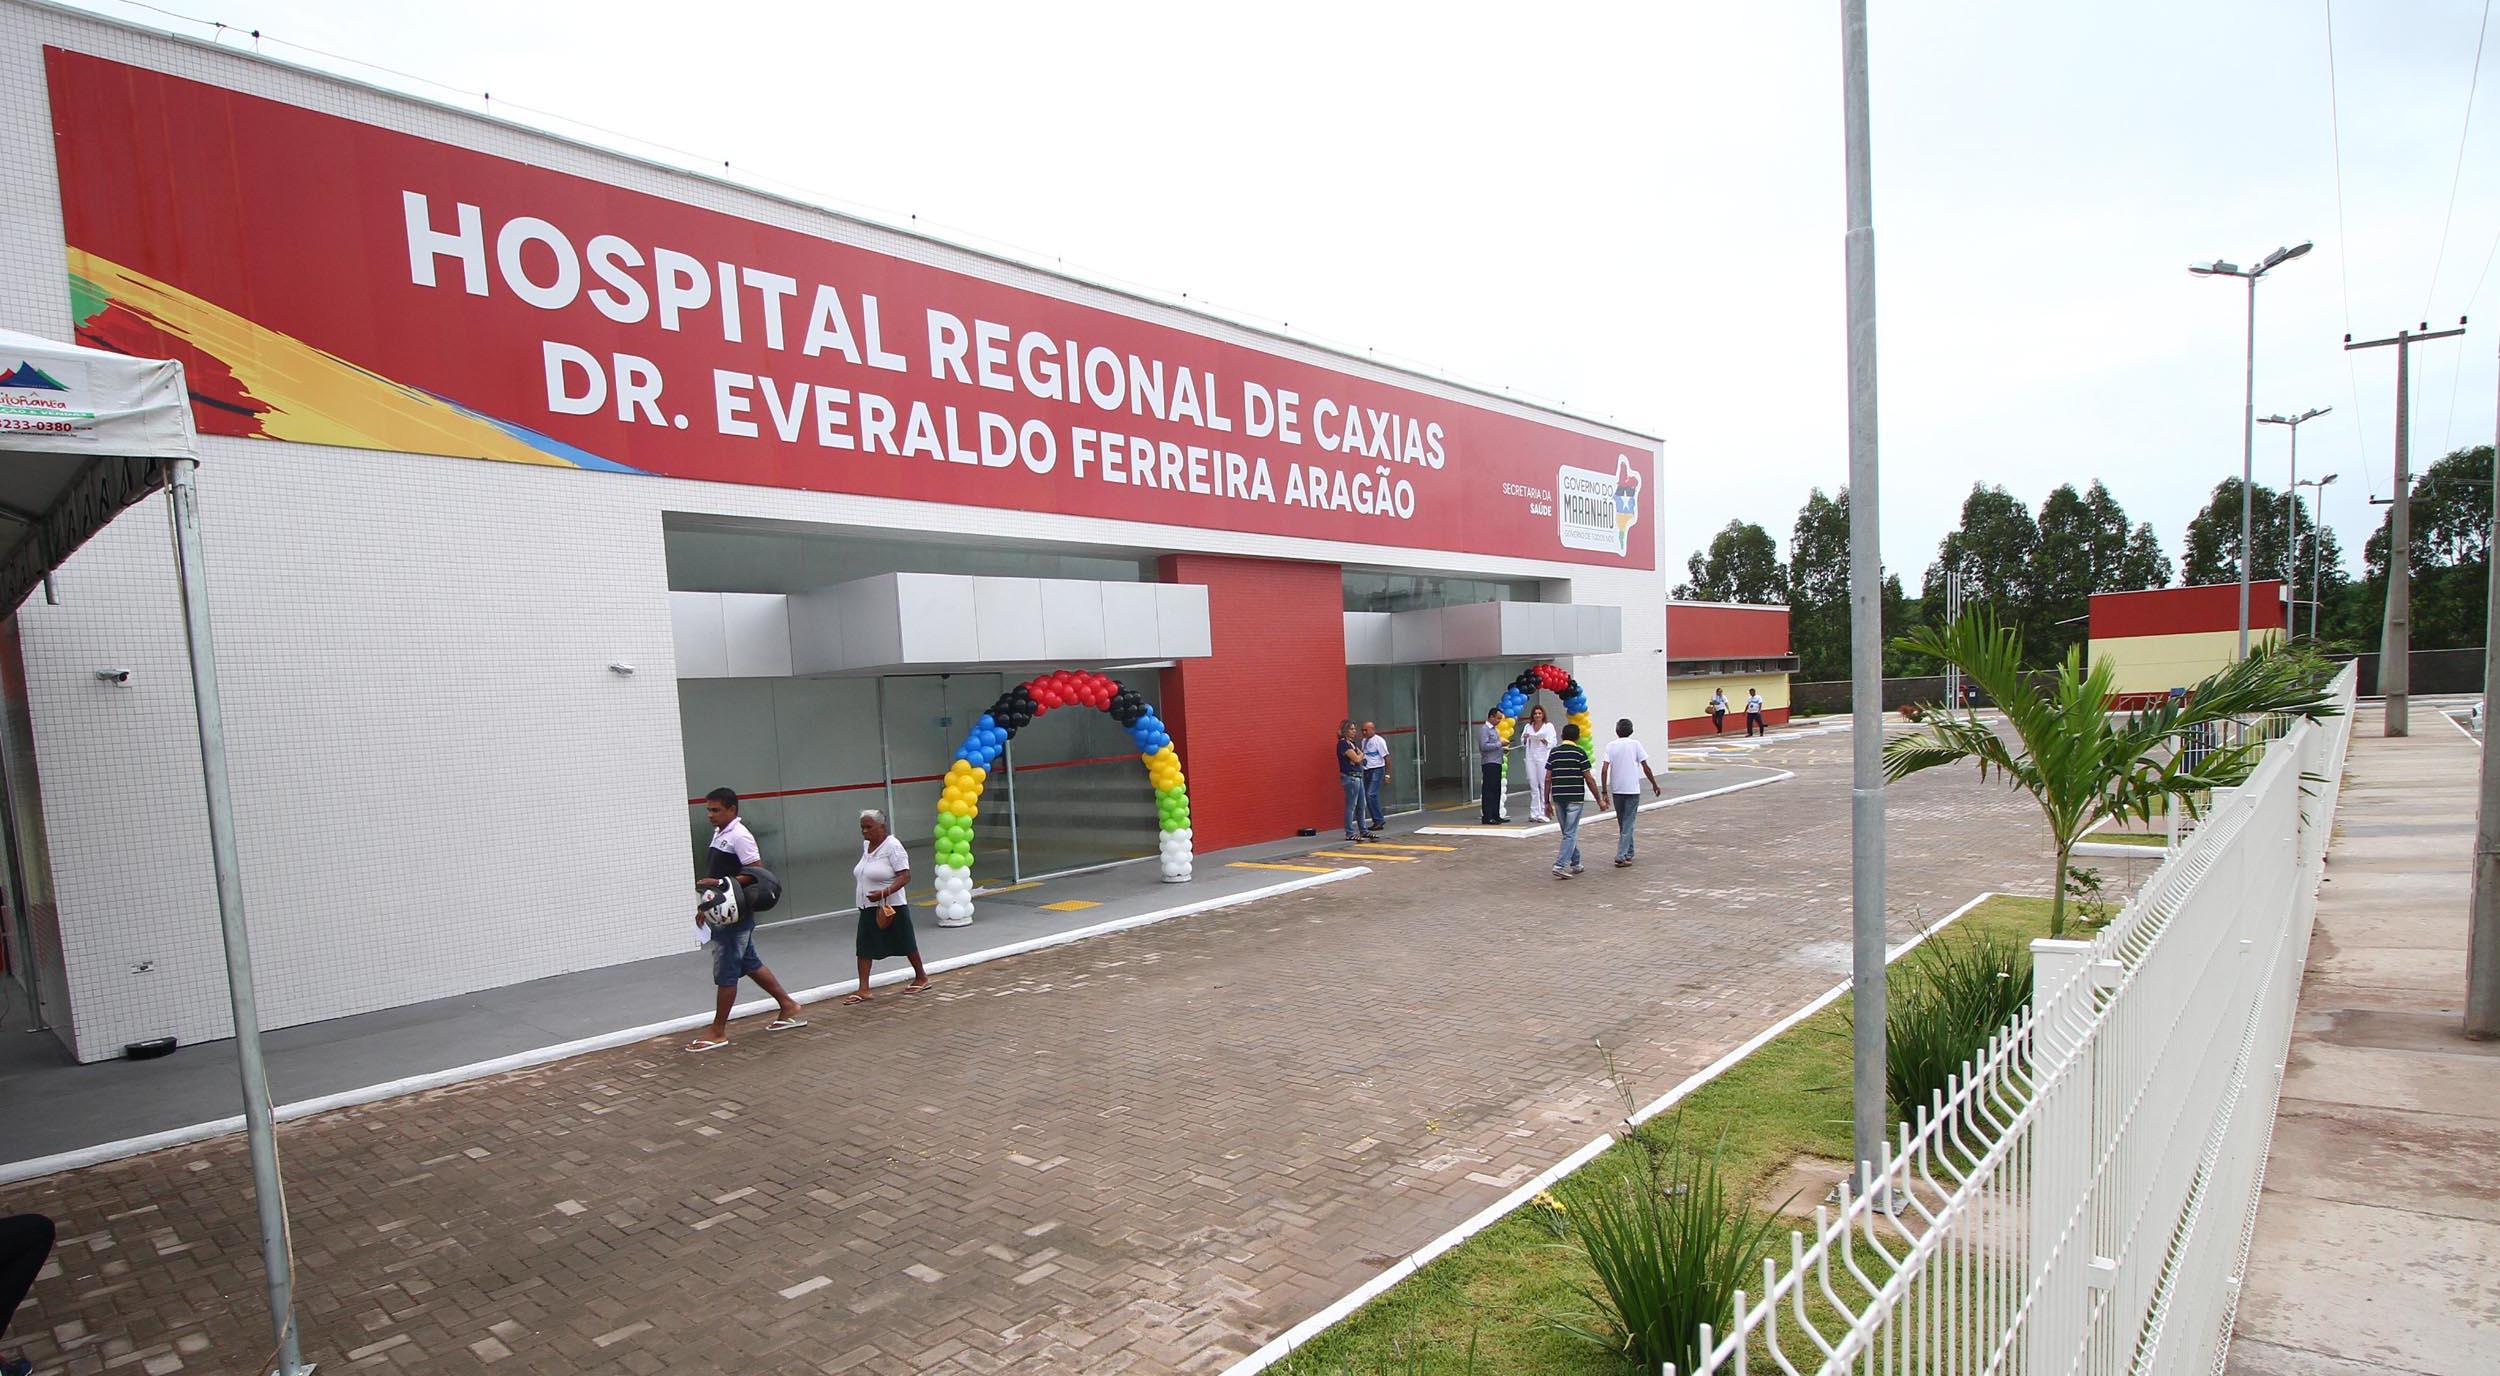 Hospital Dr. Everaldo Ferreira Aragão vai beneficiar mais de 783 mil pessoas que vivem em 26 cidades da região leste do Estado. Foto: Gilson Teixeira/Secom